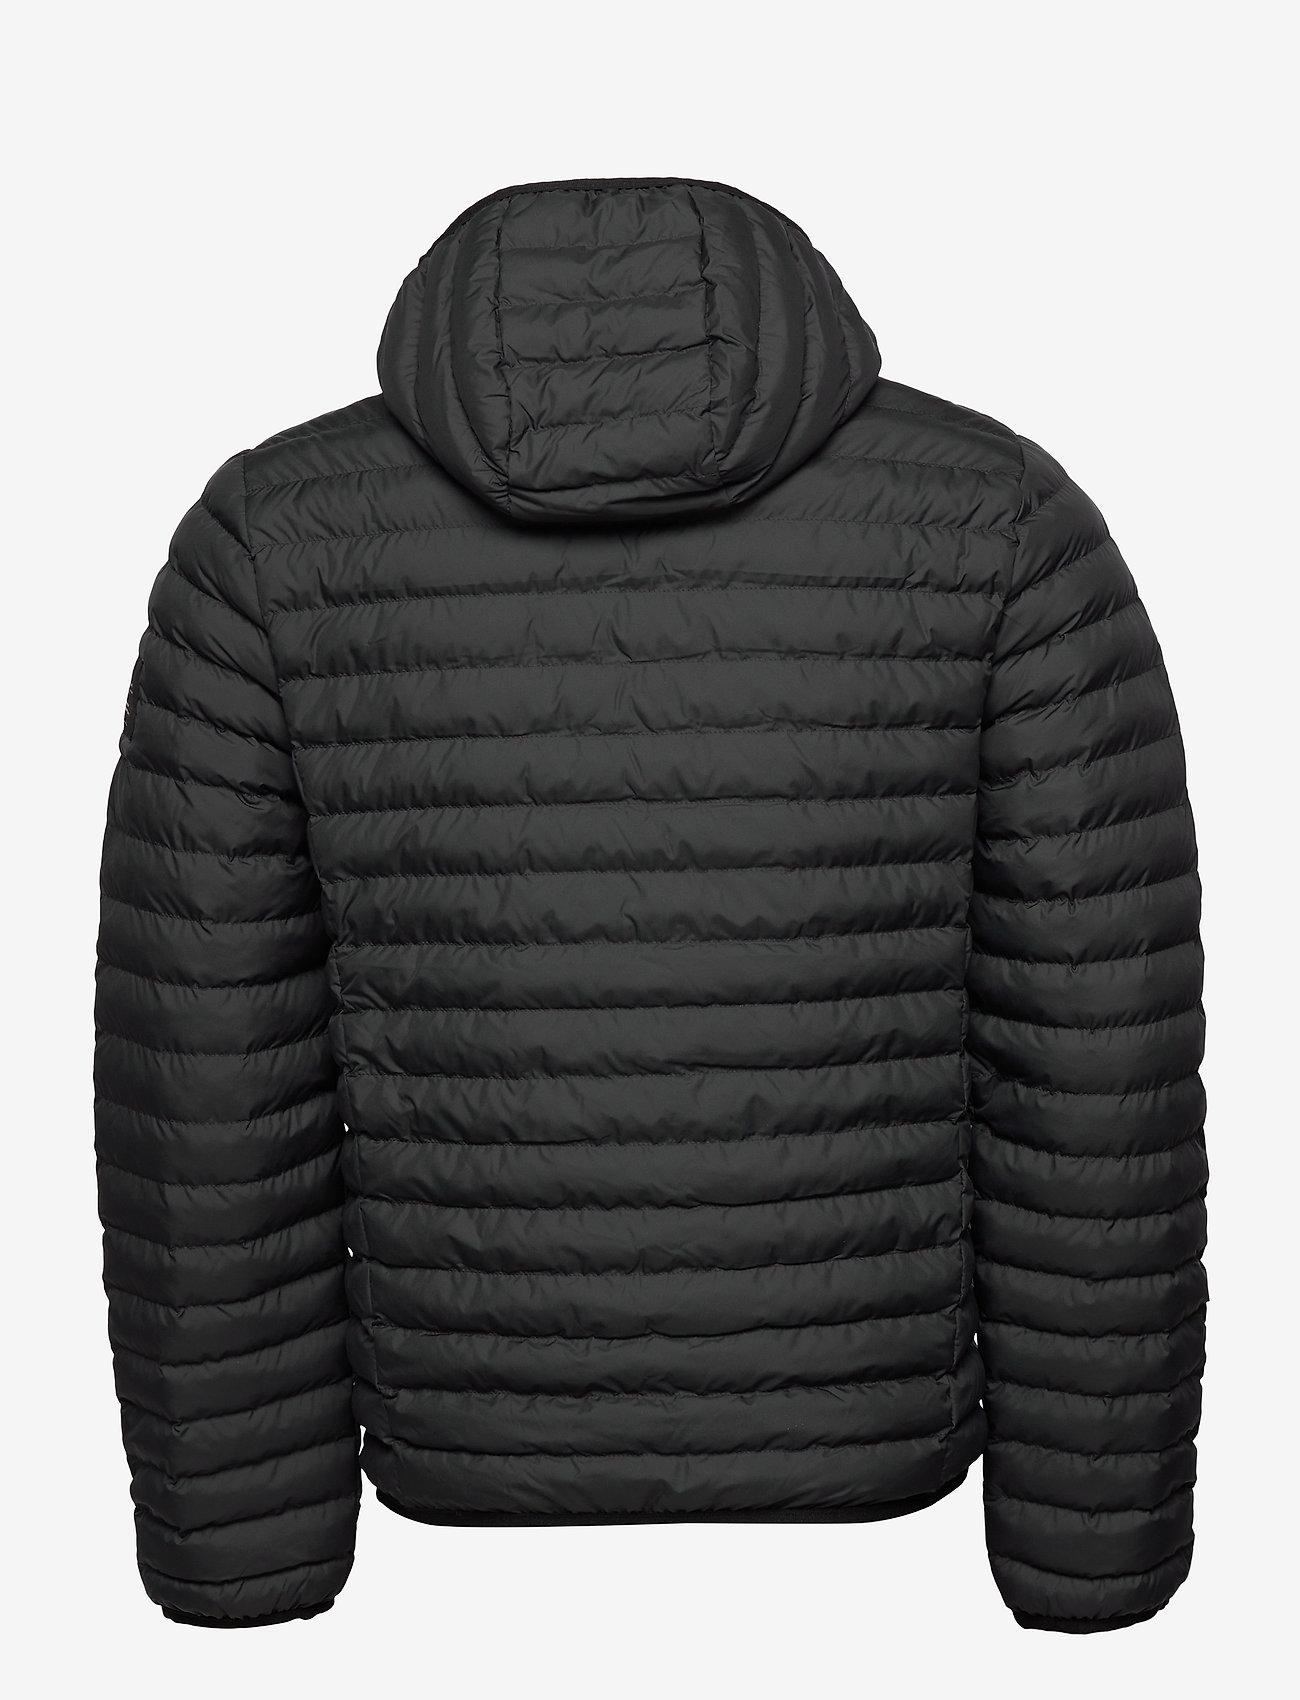 ECOALF - ATLANTIC JACKET MAN - vestes matelassées - asphalt - 1